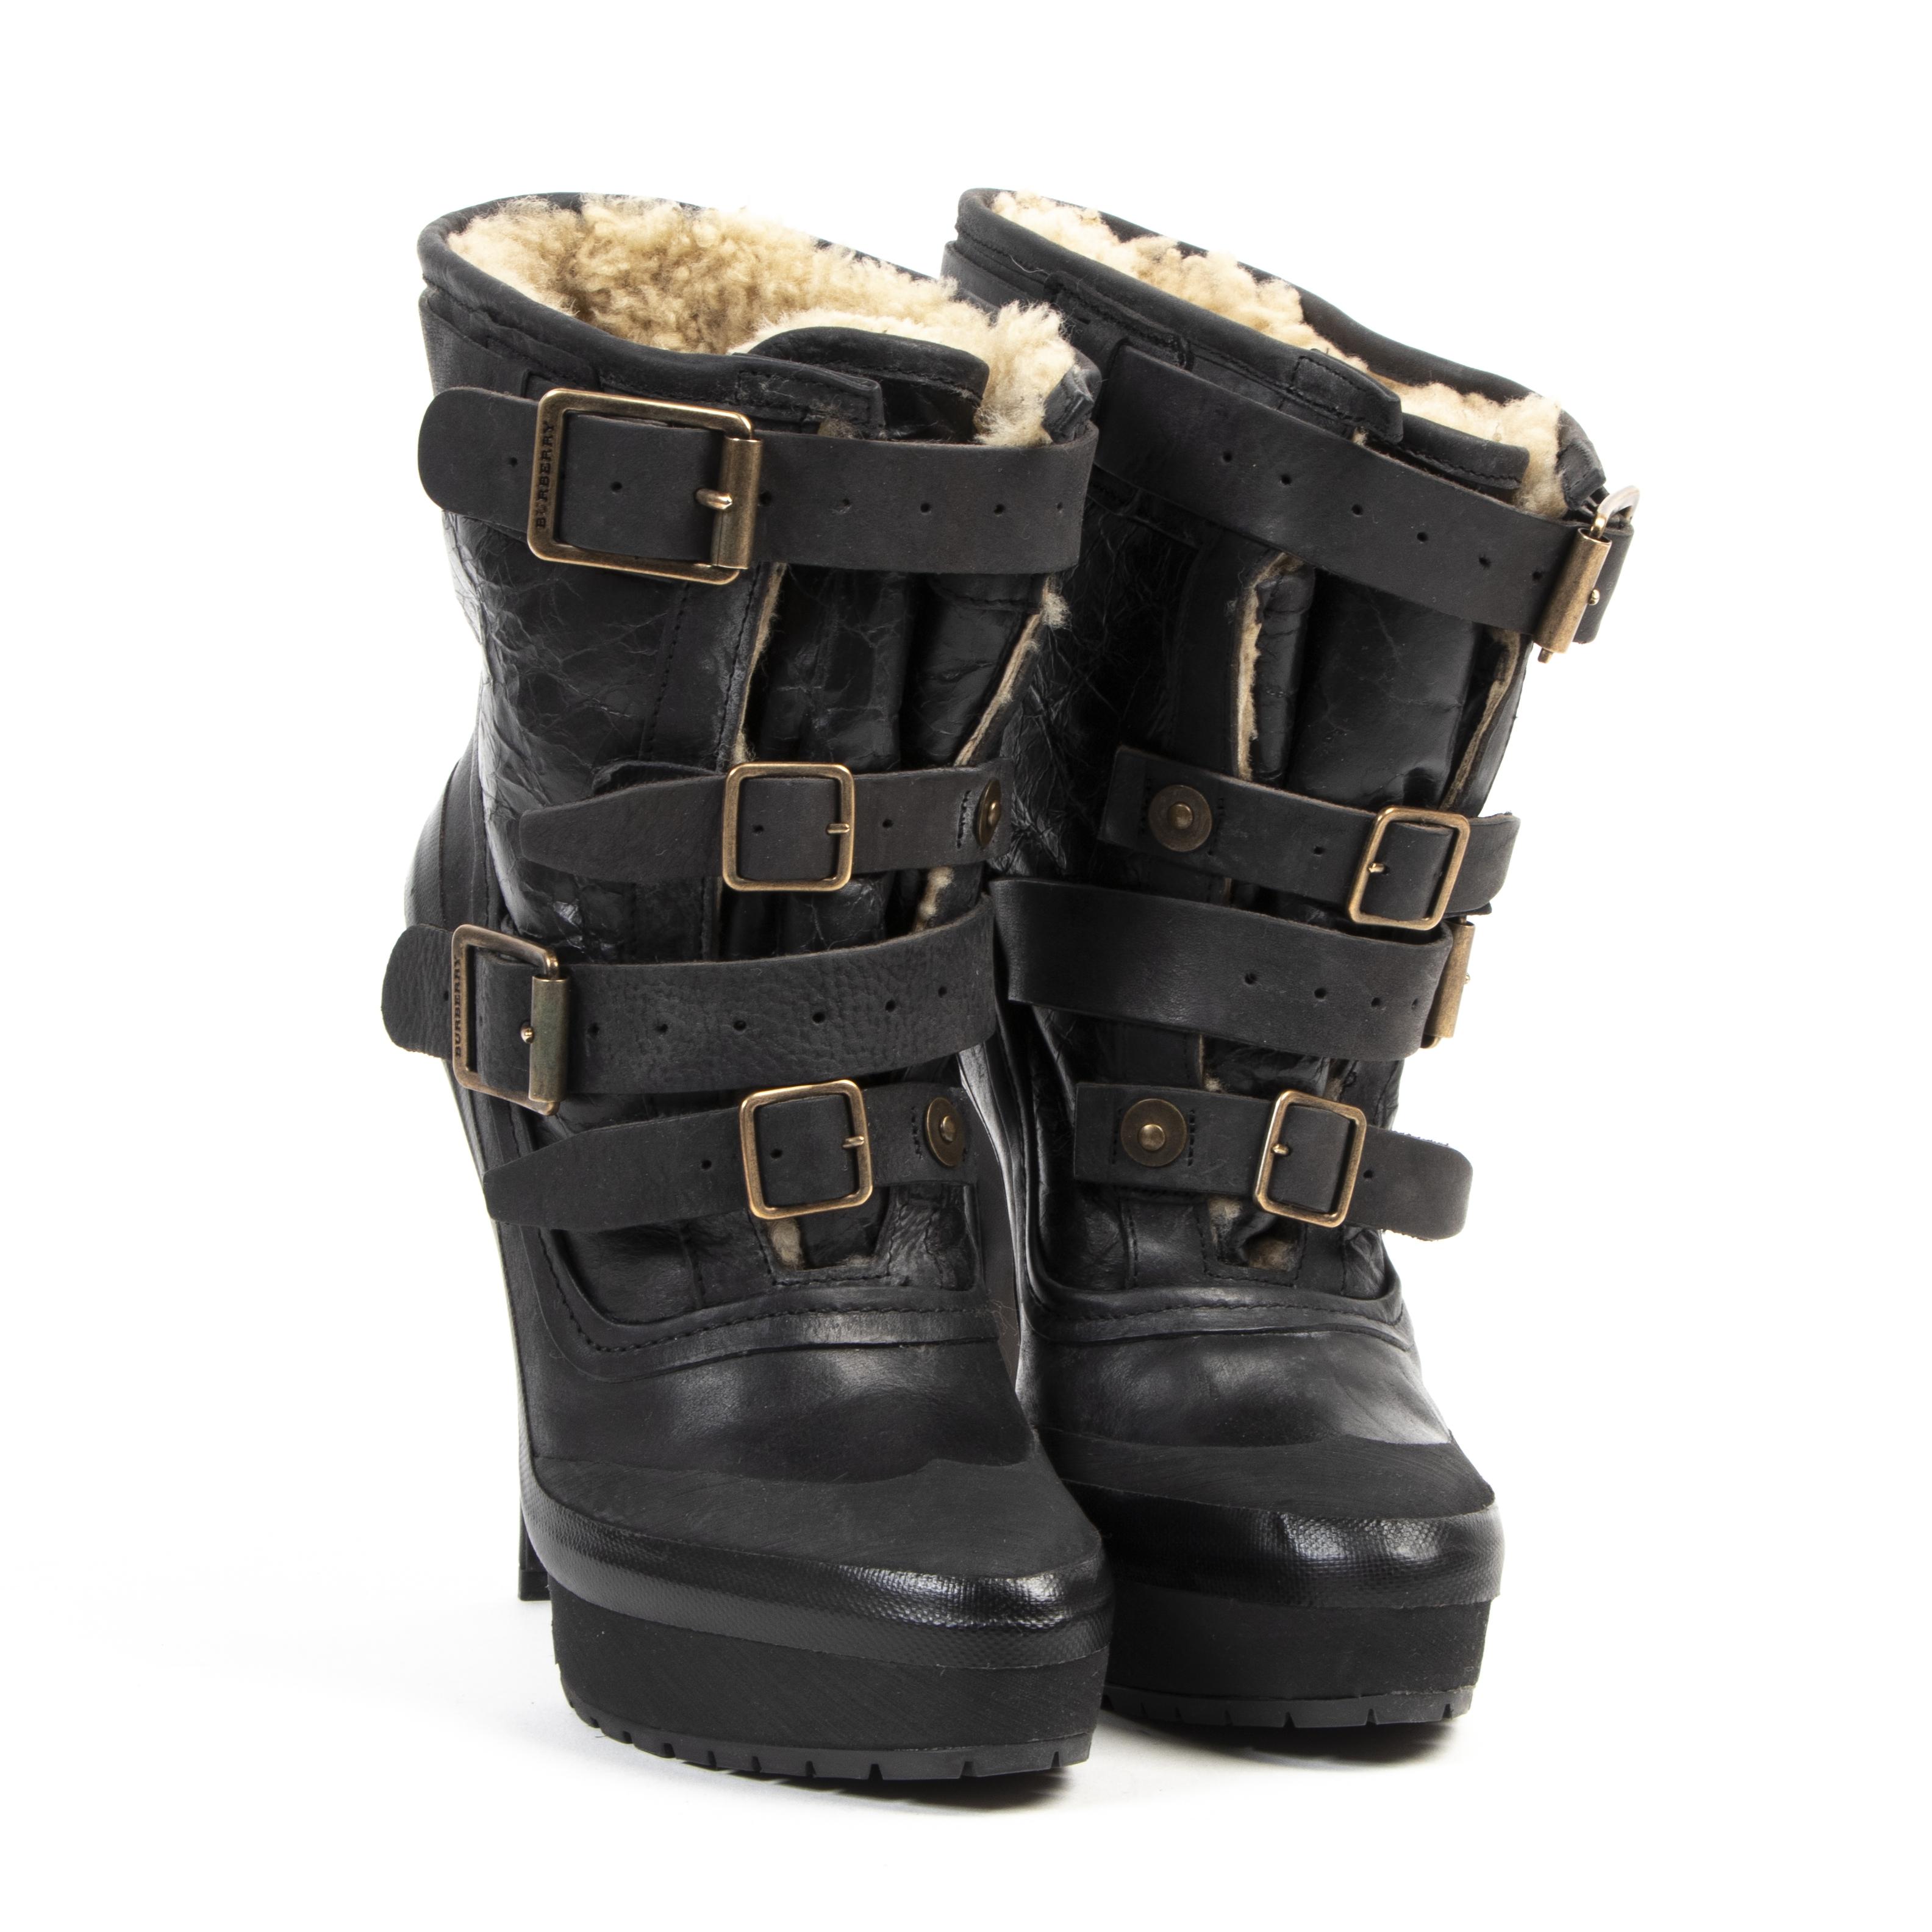 Burberry Black Buckled Ankle Boots - Size 38 pour le meilleur prix chez Labellov à Anvers Belgique